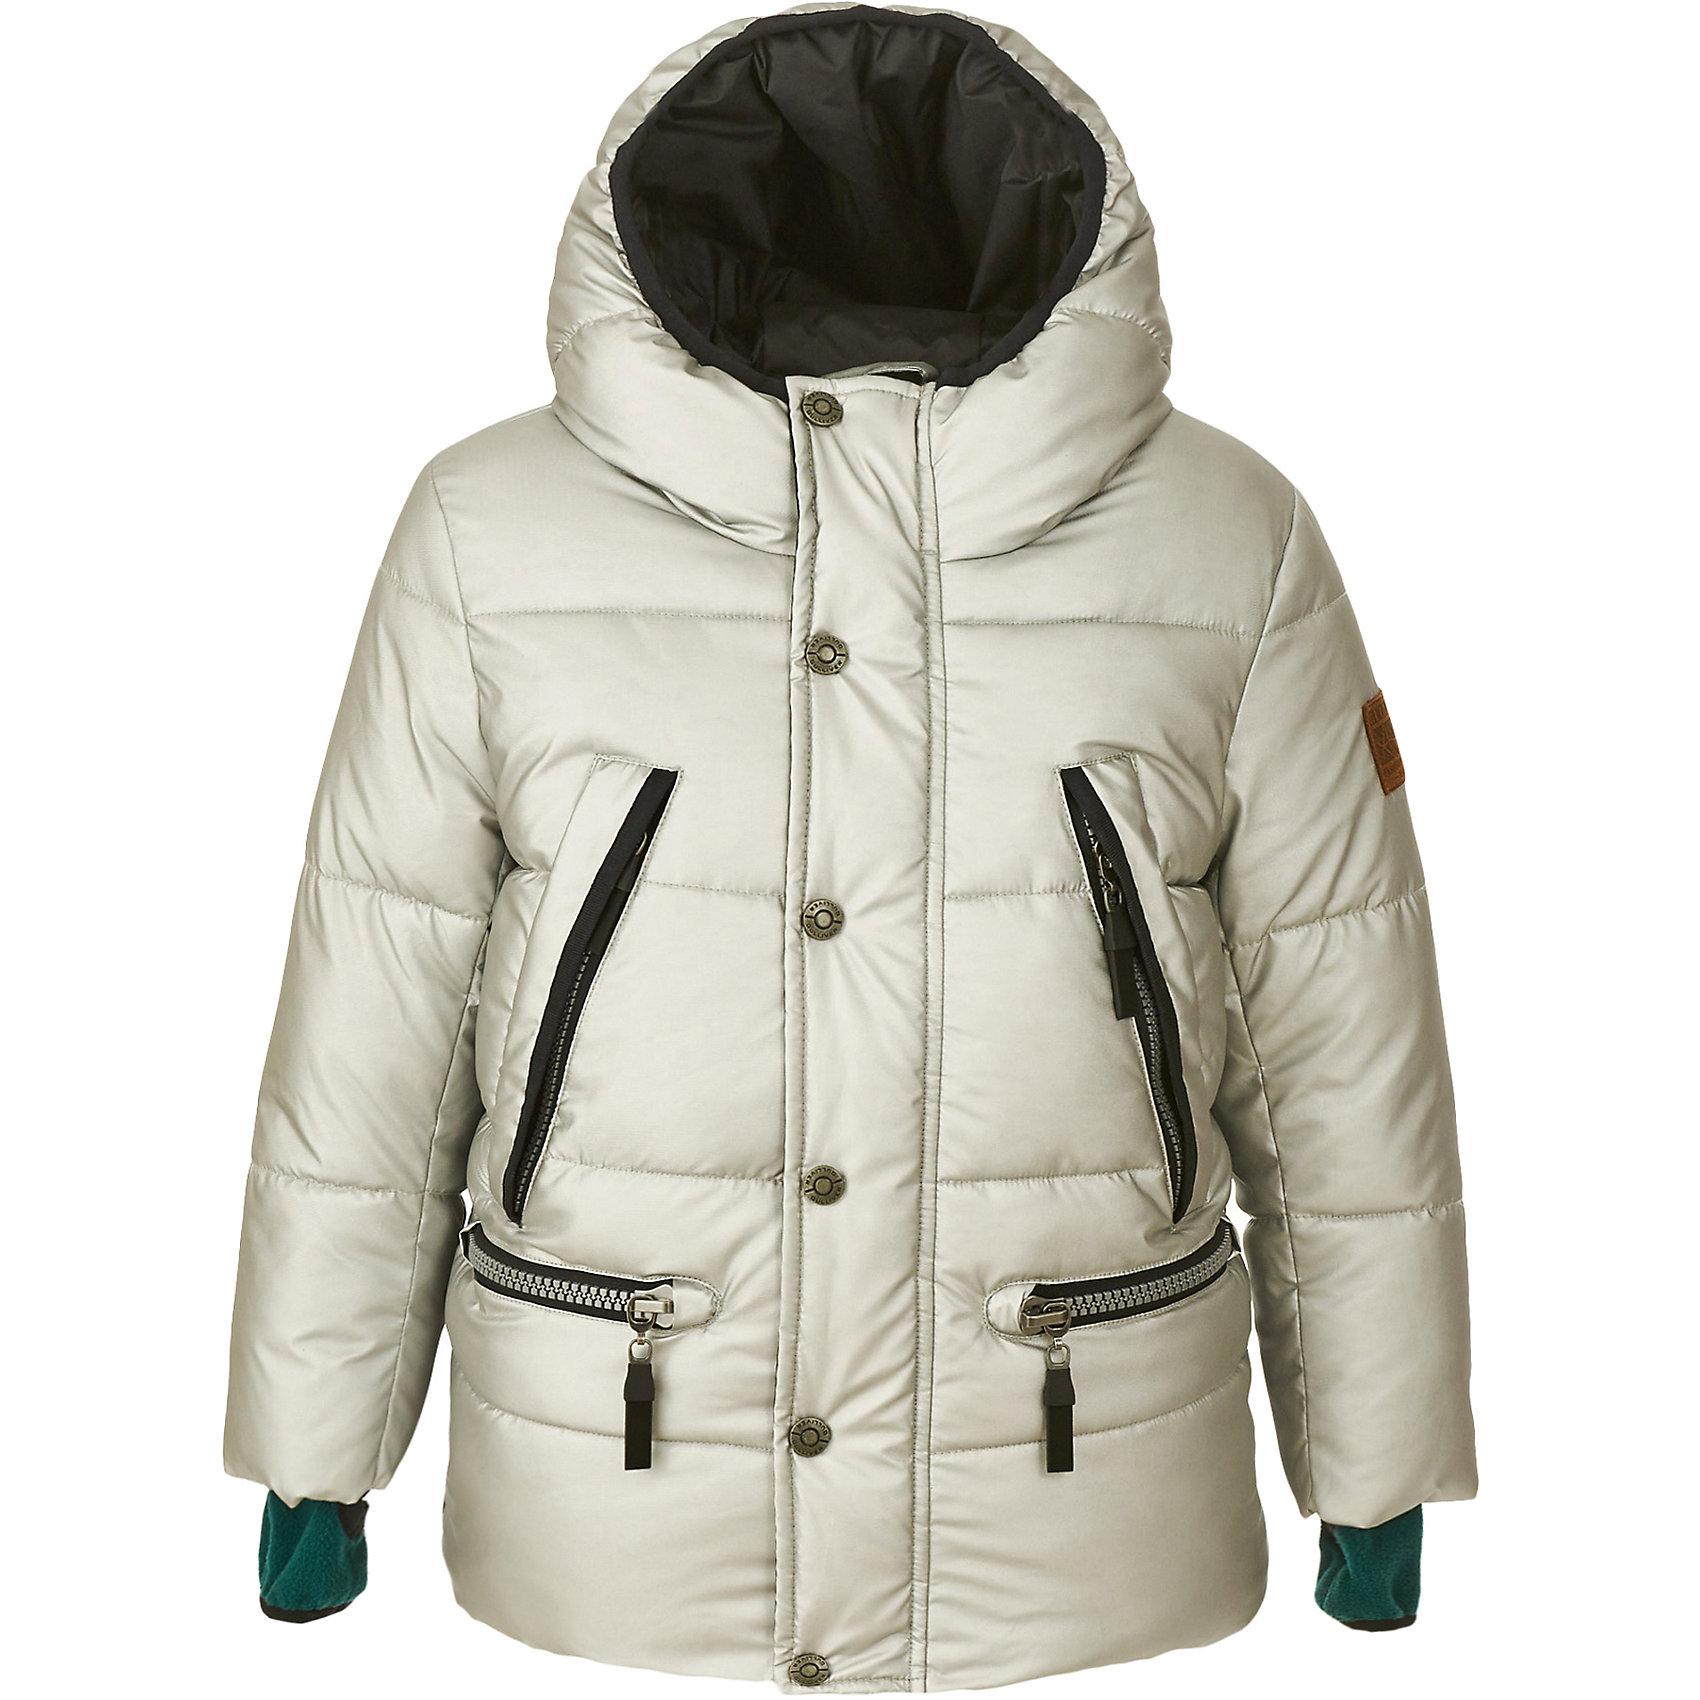 Полупальто Gulliver для мальчикаВерхняя одежда<br>Полупальто Gulliver для мальчика<br>Какими должны быть куртки для мальчиков? Модными или практичными, красивыми или функциональными? Отправляясь на шопинг, мамы мальчиков должны ответить на эти непростые вопросы. Куртка из коллекции Навигатор упрощает задачу, потому что сочетает в себе все лучшие характеристики детских курток для мальчиков. Модная форма, интересный цвет: серебристый металлик, комфортная длина, множество выразительных функциональных и декоративных деталей делают куртку яркой и привлекательной. Эта куртка с капюшоном подарит своему обладателю прекрасный внешний вид, удобство, индивидуальность. Если вы решили купить модную куртку, эта модель - достойный выбор!<br>Состав:<br>верх: 100% полиэстер; подкладка: 100% полиэстер; утеплитель: иск.пух 100% полиэстер<br><br>Ширина мм: 356<br>Глубина мм: 10<br>Высота мм: 245<br>Вес г: 519<br>Цвет: серебряный<br>Возраст от месяцев: 36<br>Возраст до месяцев: 48<br>Пол: Мужской<br>Возраст: Детский<br>Размер: 104,110,116,98<br>SKU: 7076728